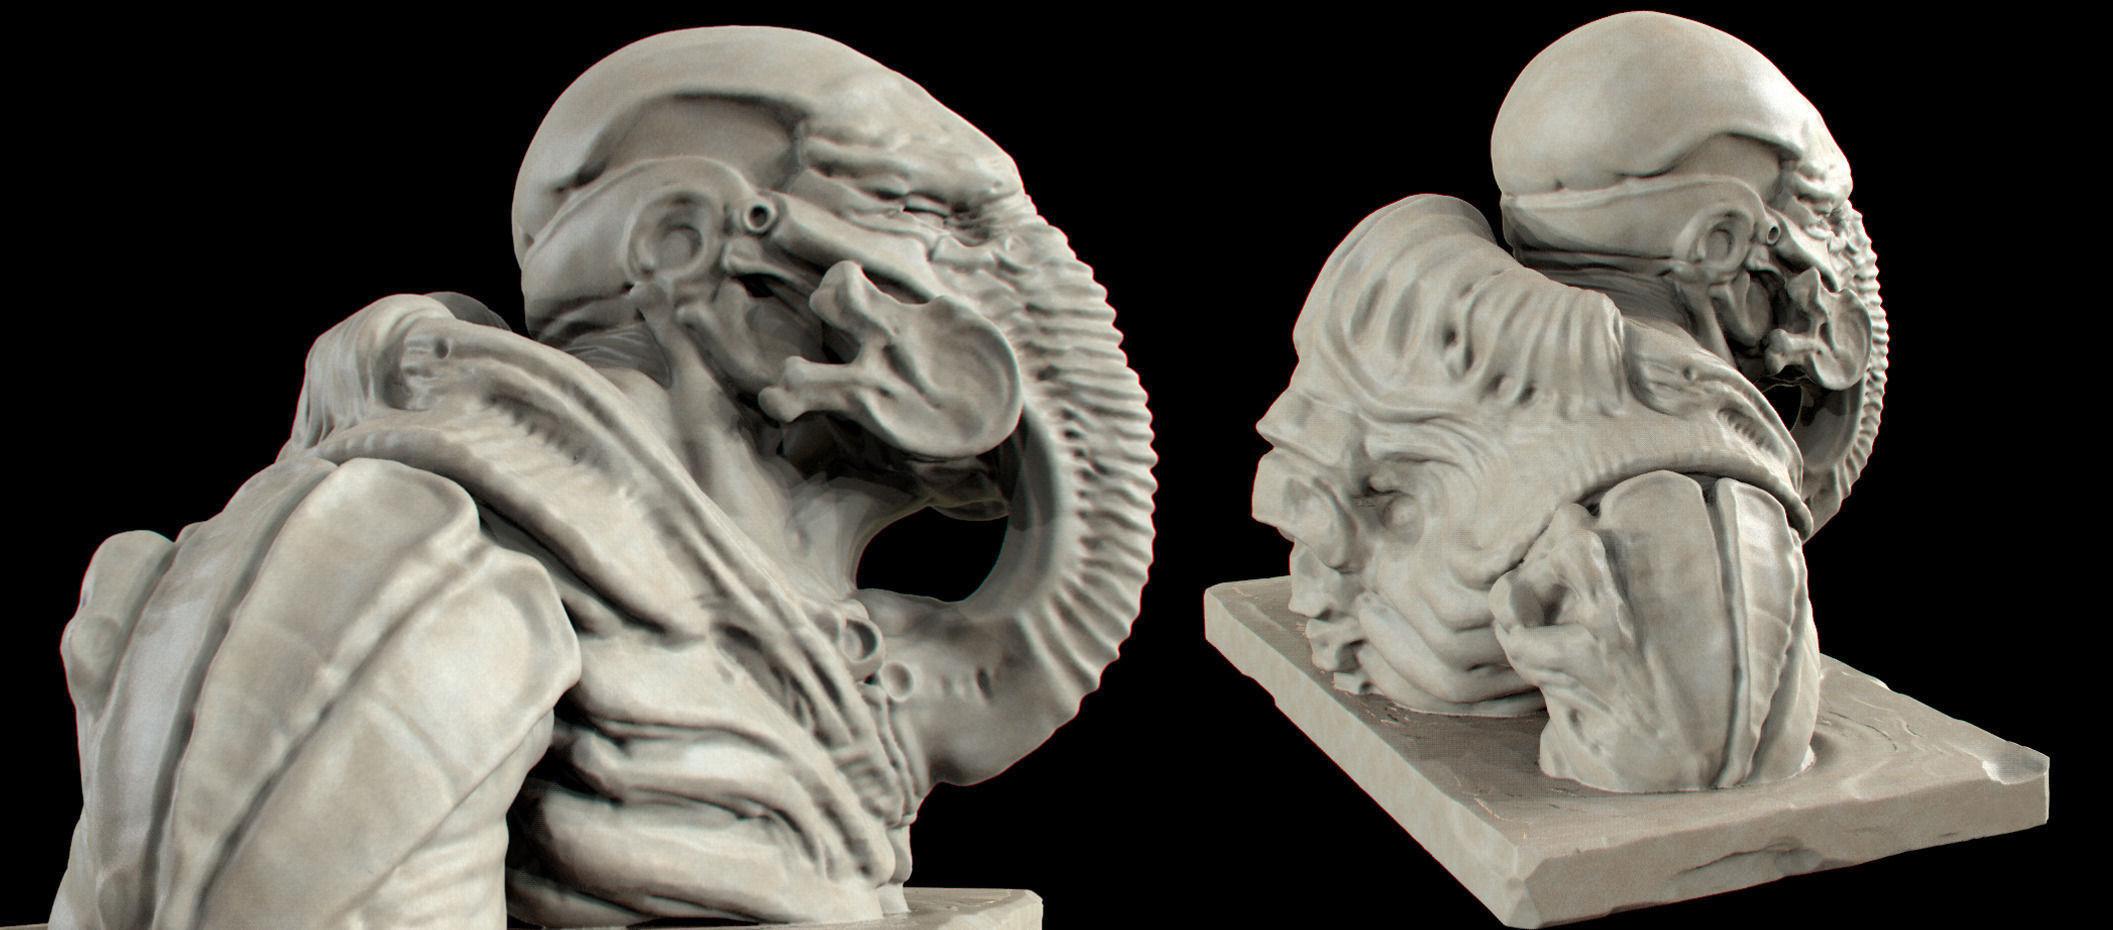 Giger Mask 3D Model 3D printable .stl - CGTrader.com